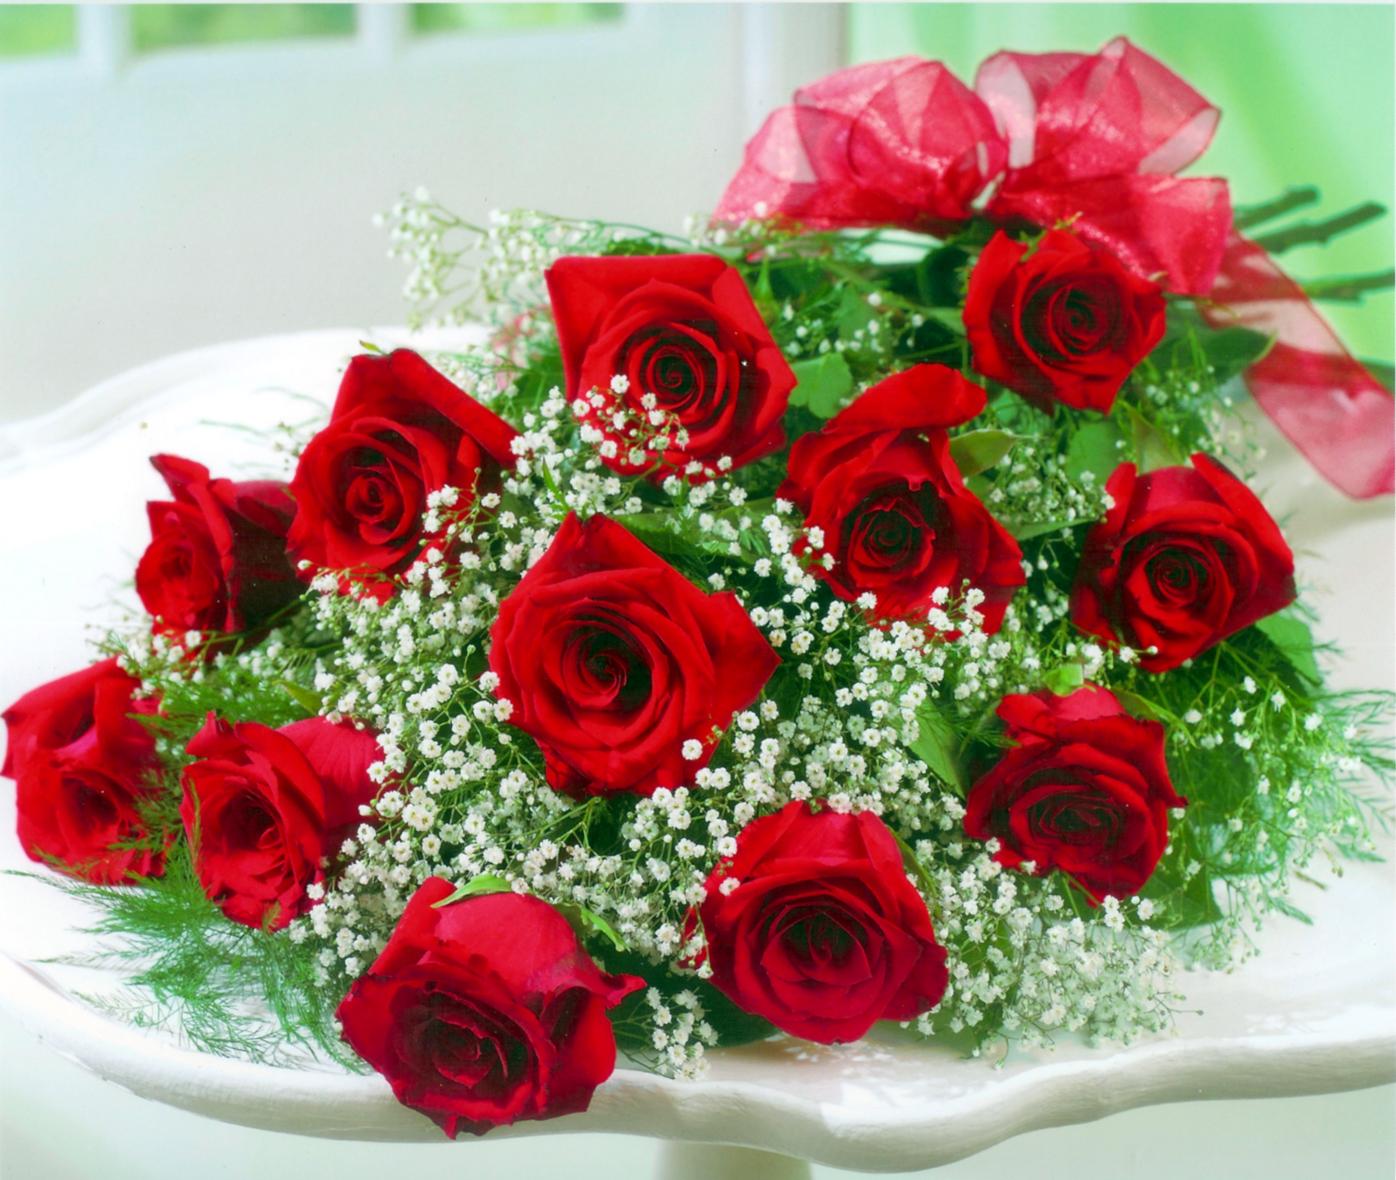 Hình ảnh bó hoa hồng đỏ tươi thắm